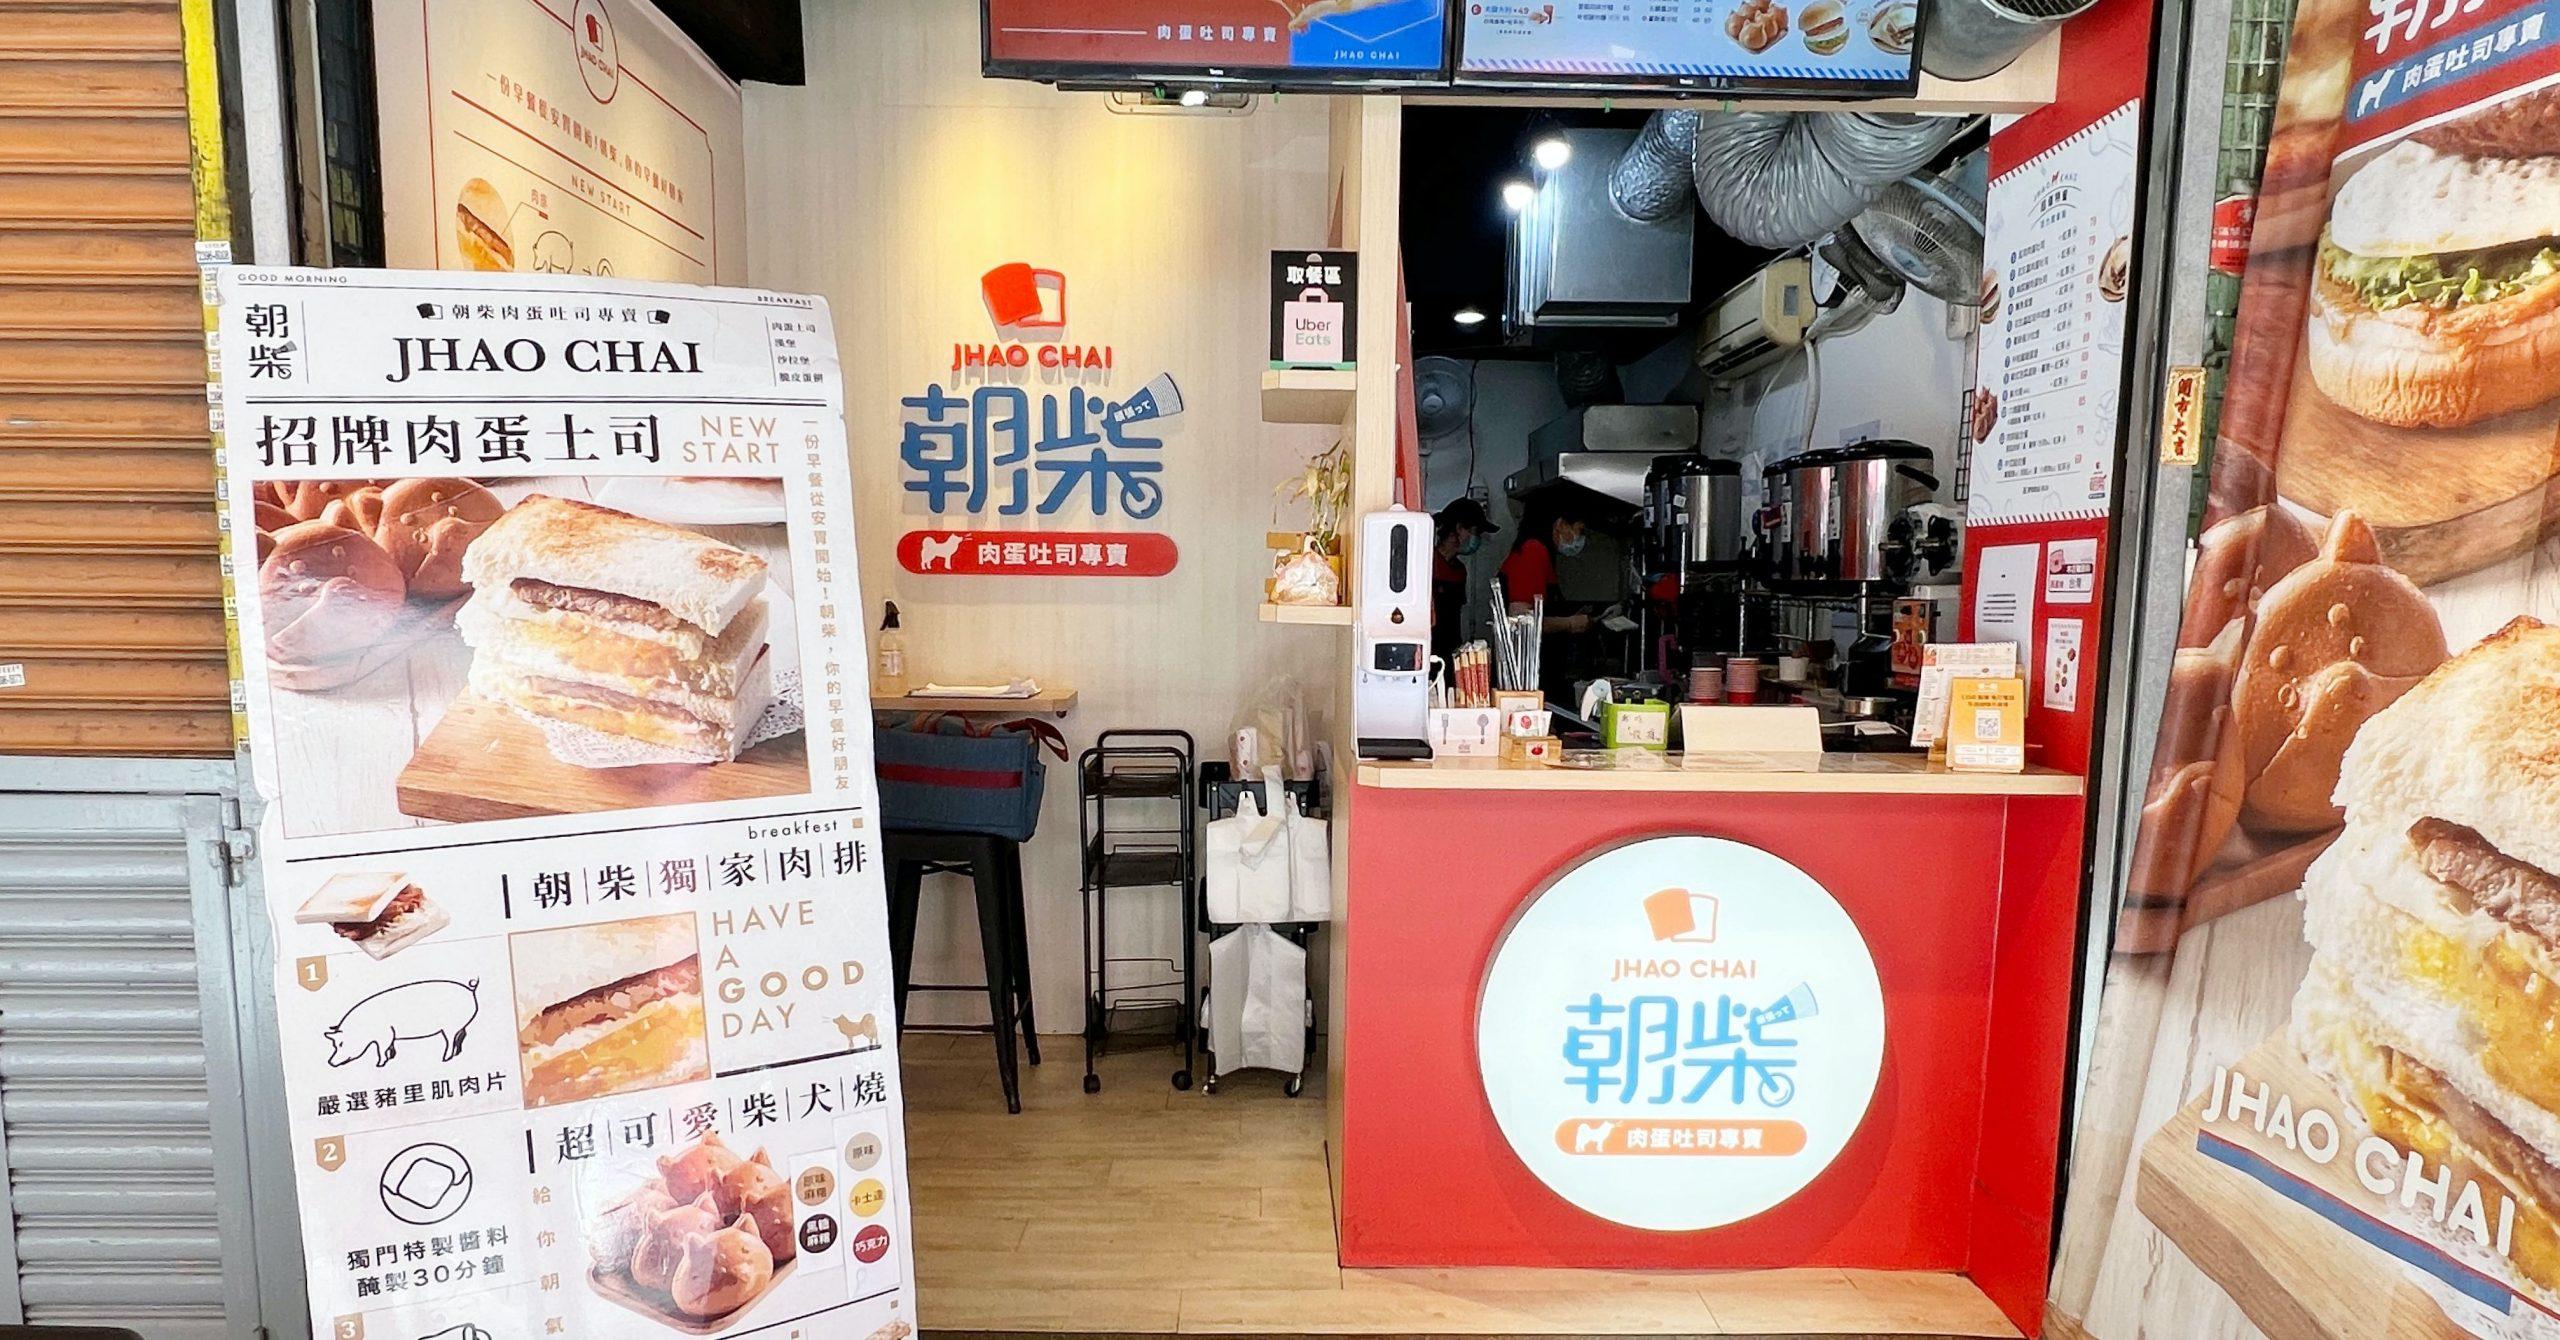 台北早餐懶人包,善導寺美食,朝柴肉蛋吐司菜單,朝柴菜單 @Nash,神之領域